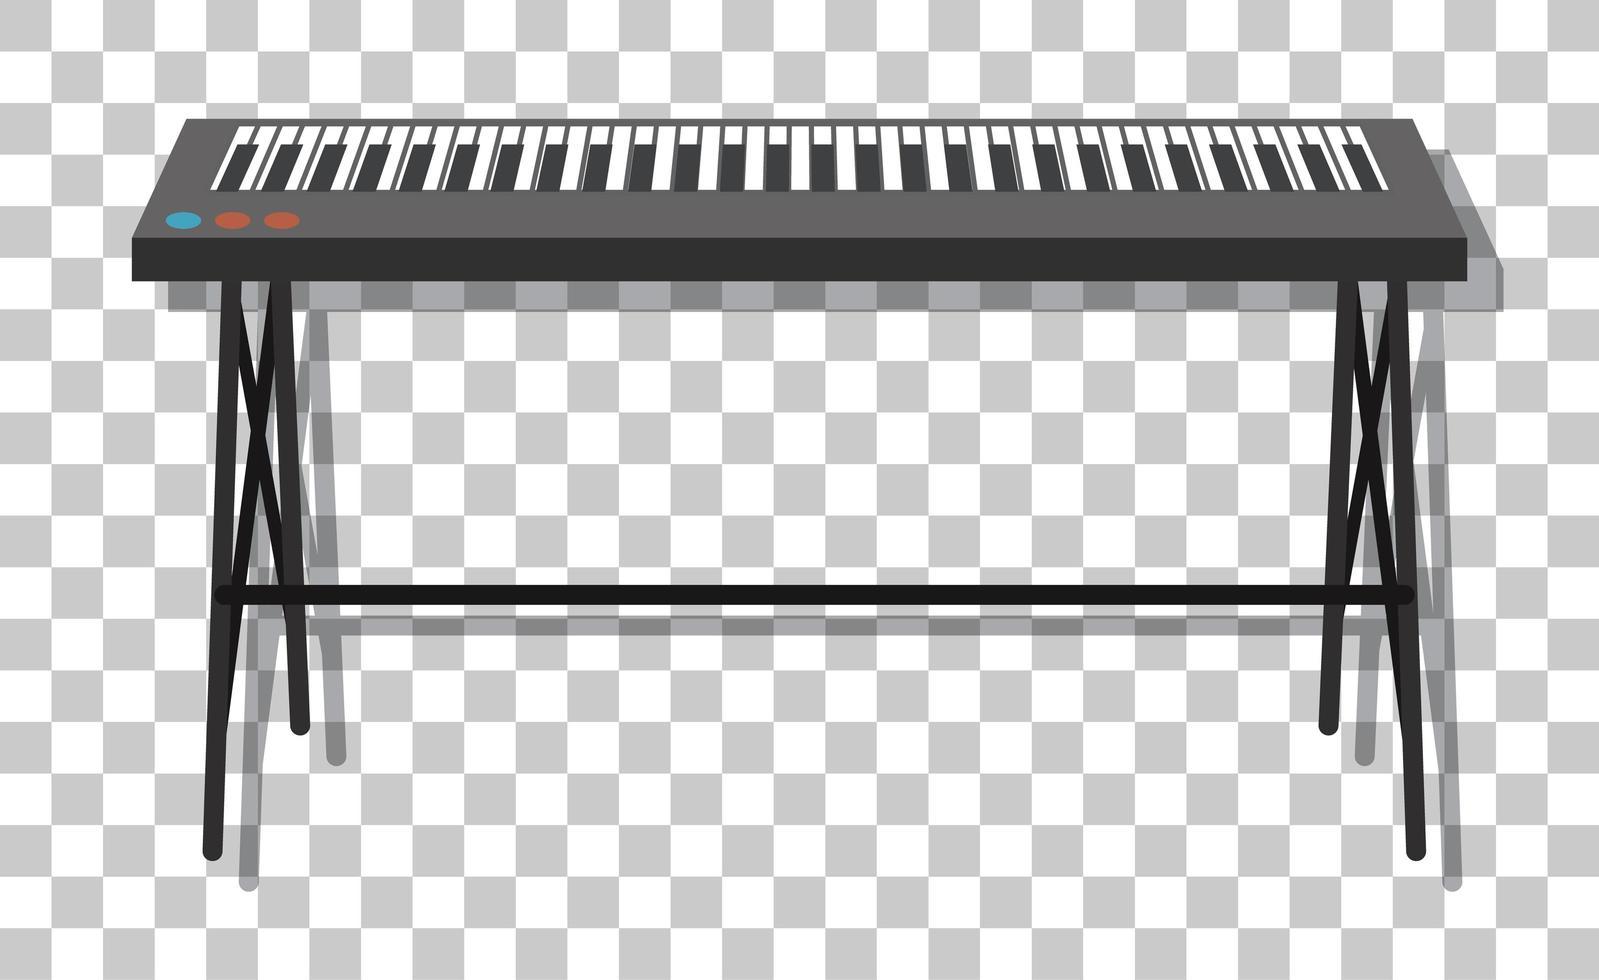 elektronische piano met metalen standaard geïsoleerd op transparante achtergrond vector